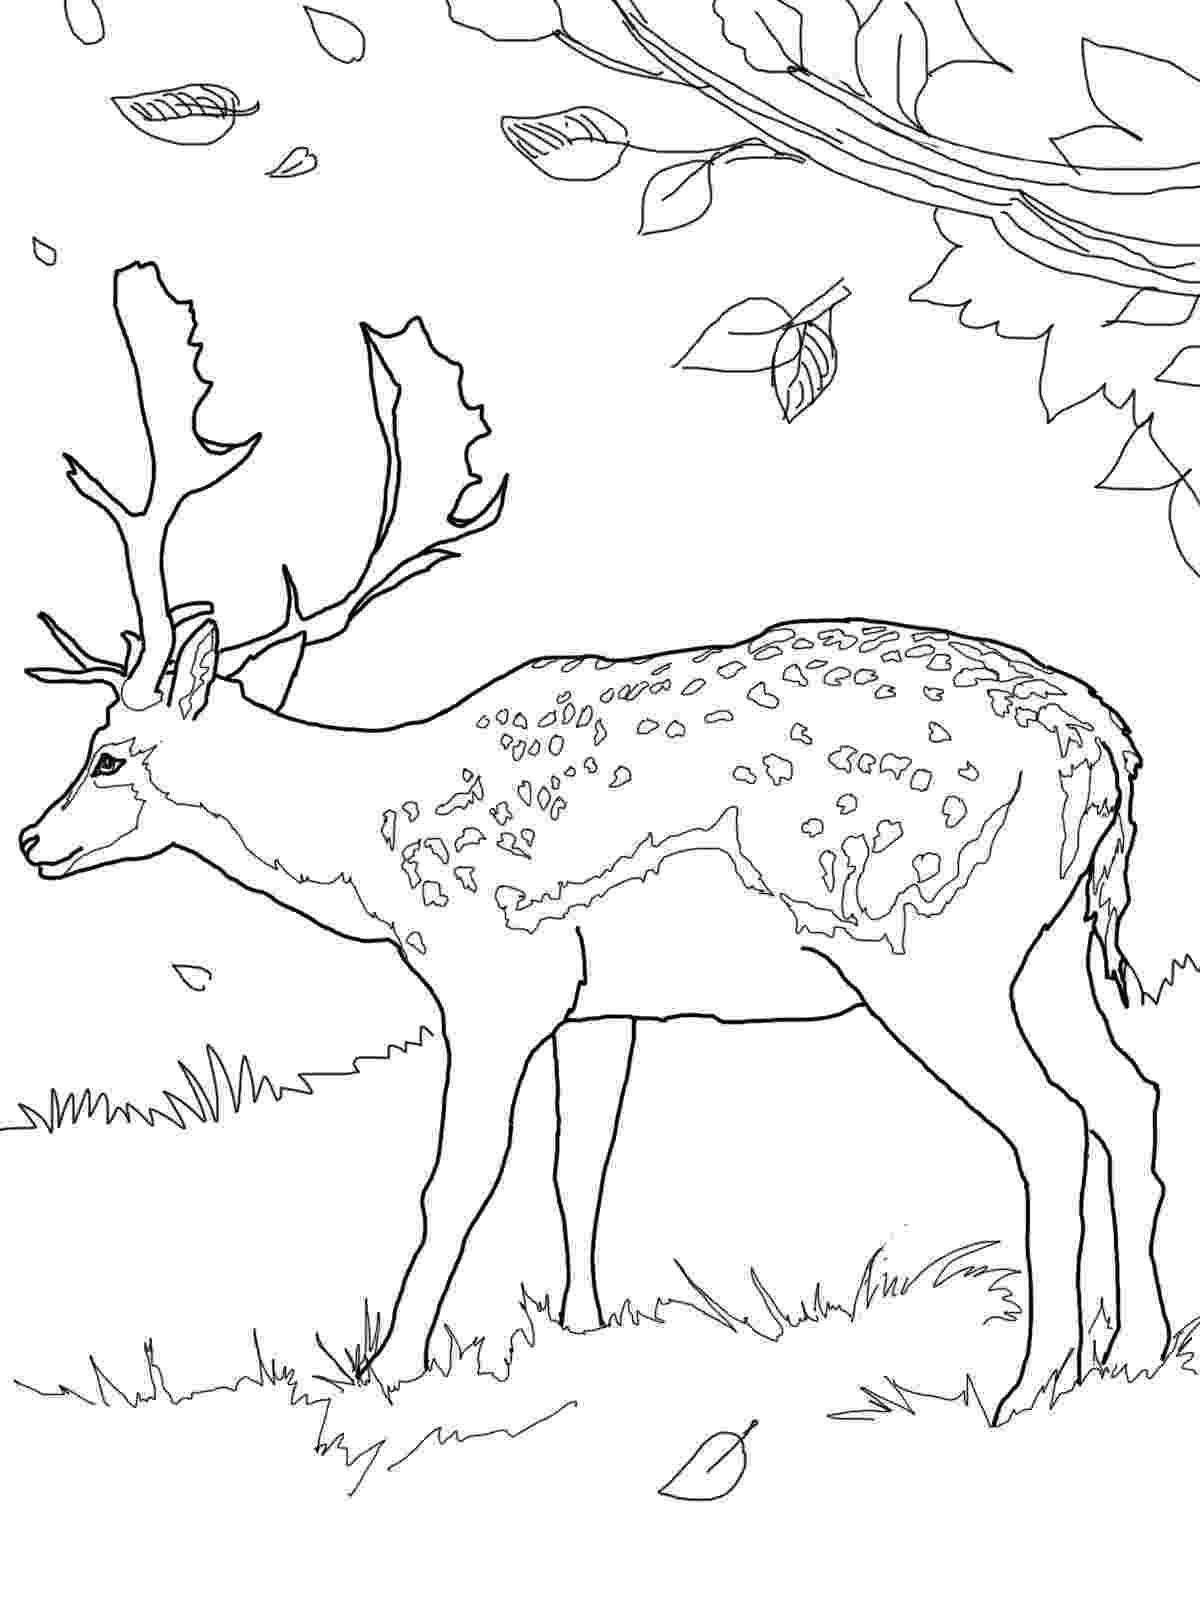 coloring book deer free printable deer coloring pages for kids book deer coloring 1 2